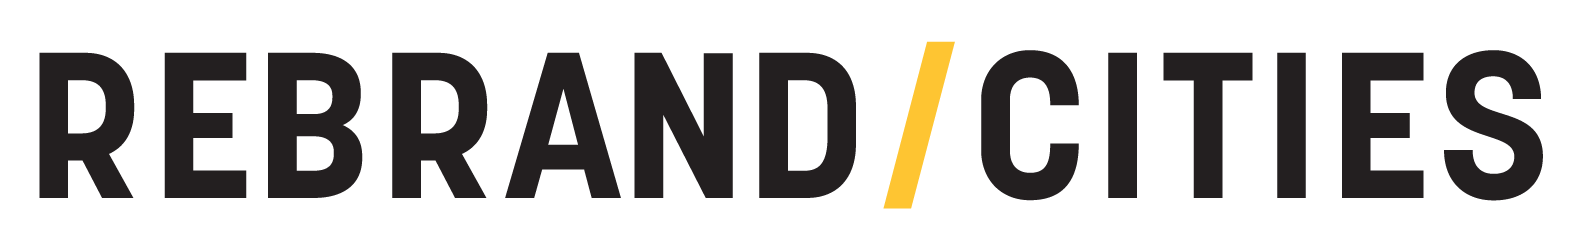 Rebrand Cities